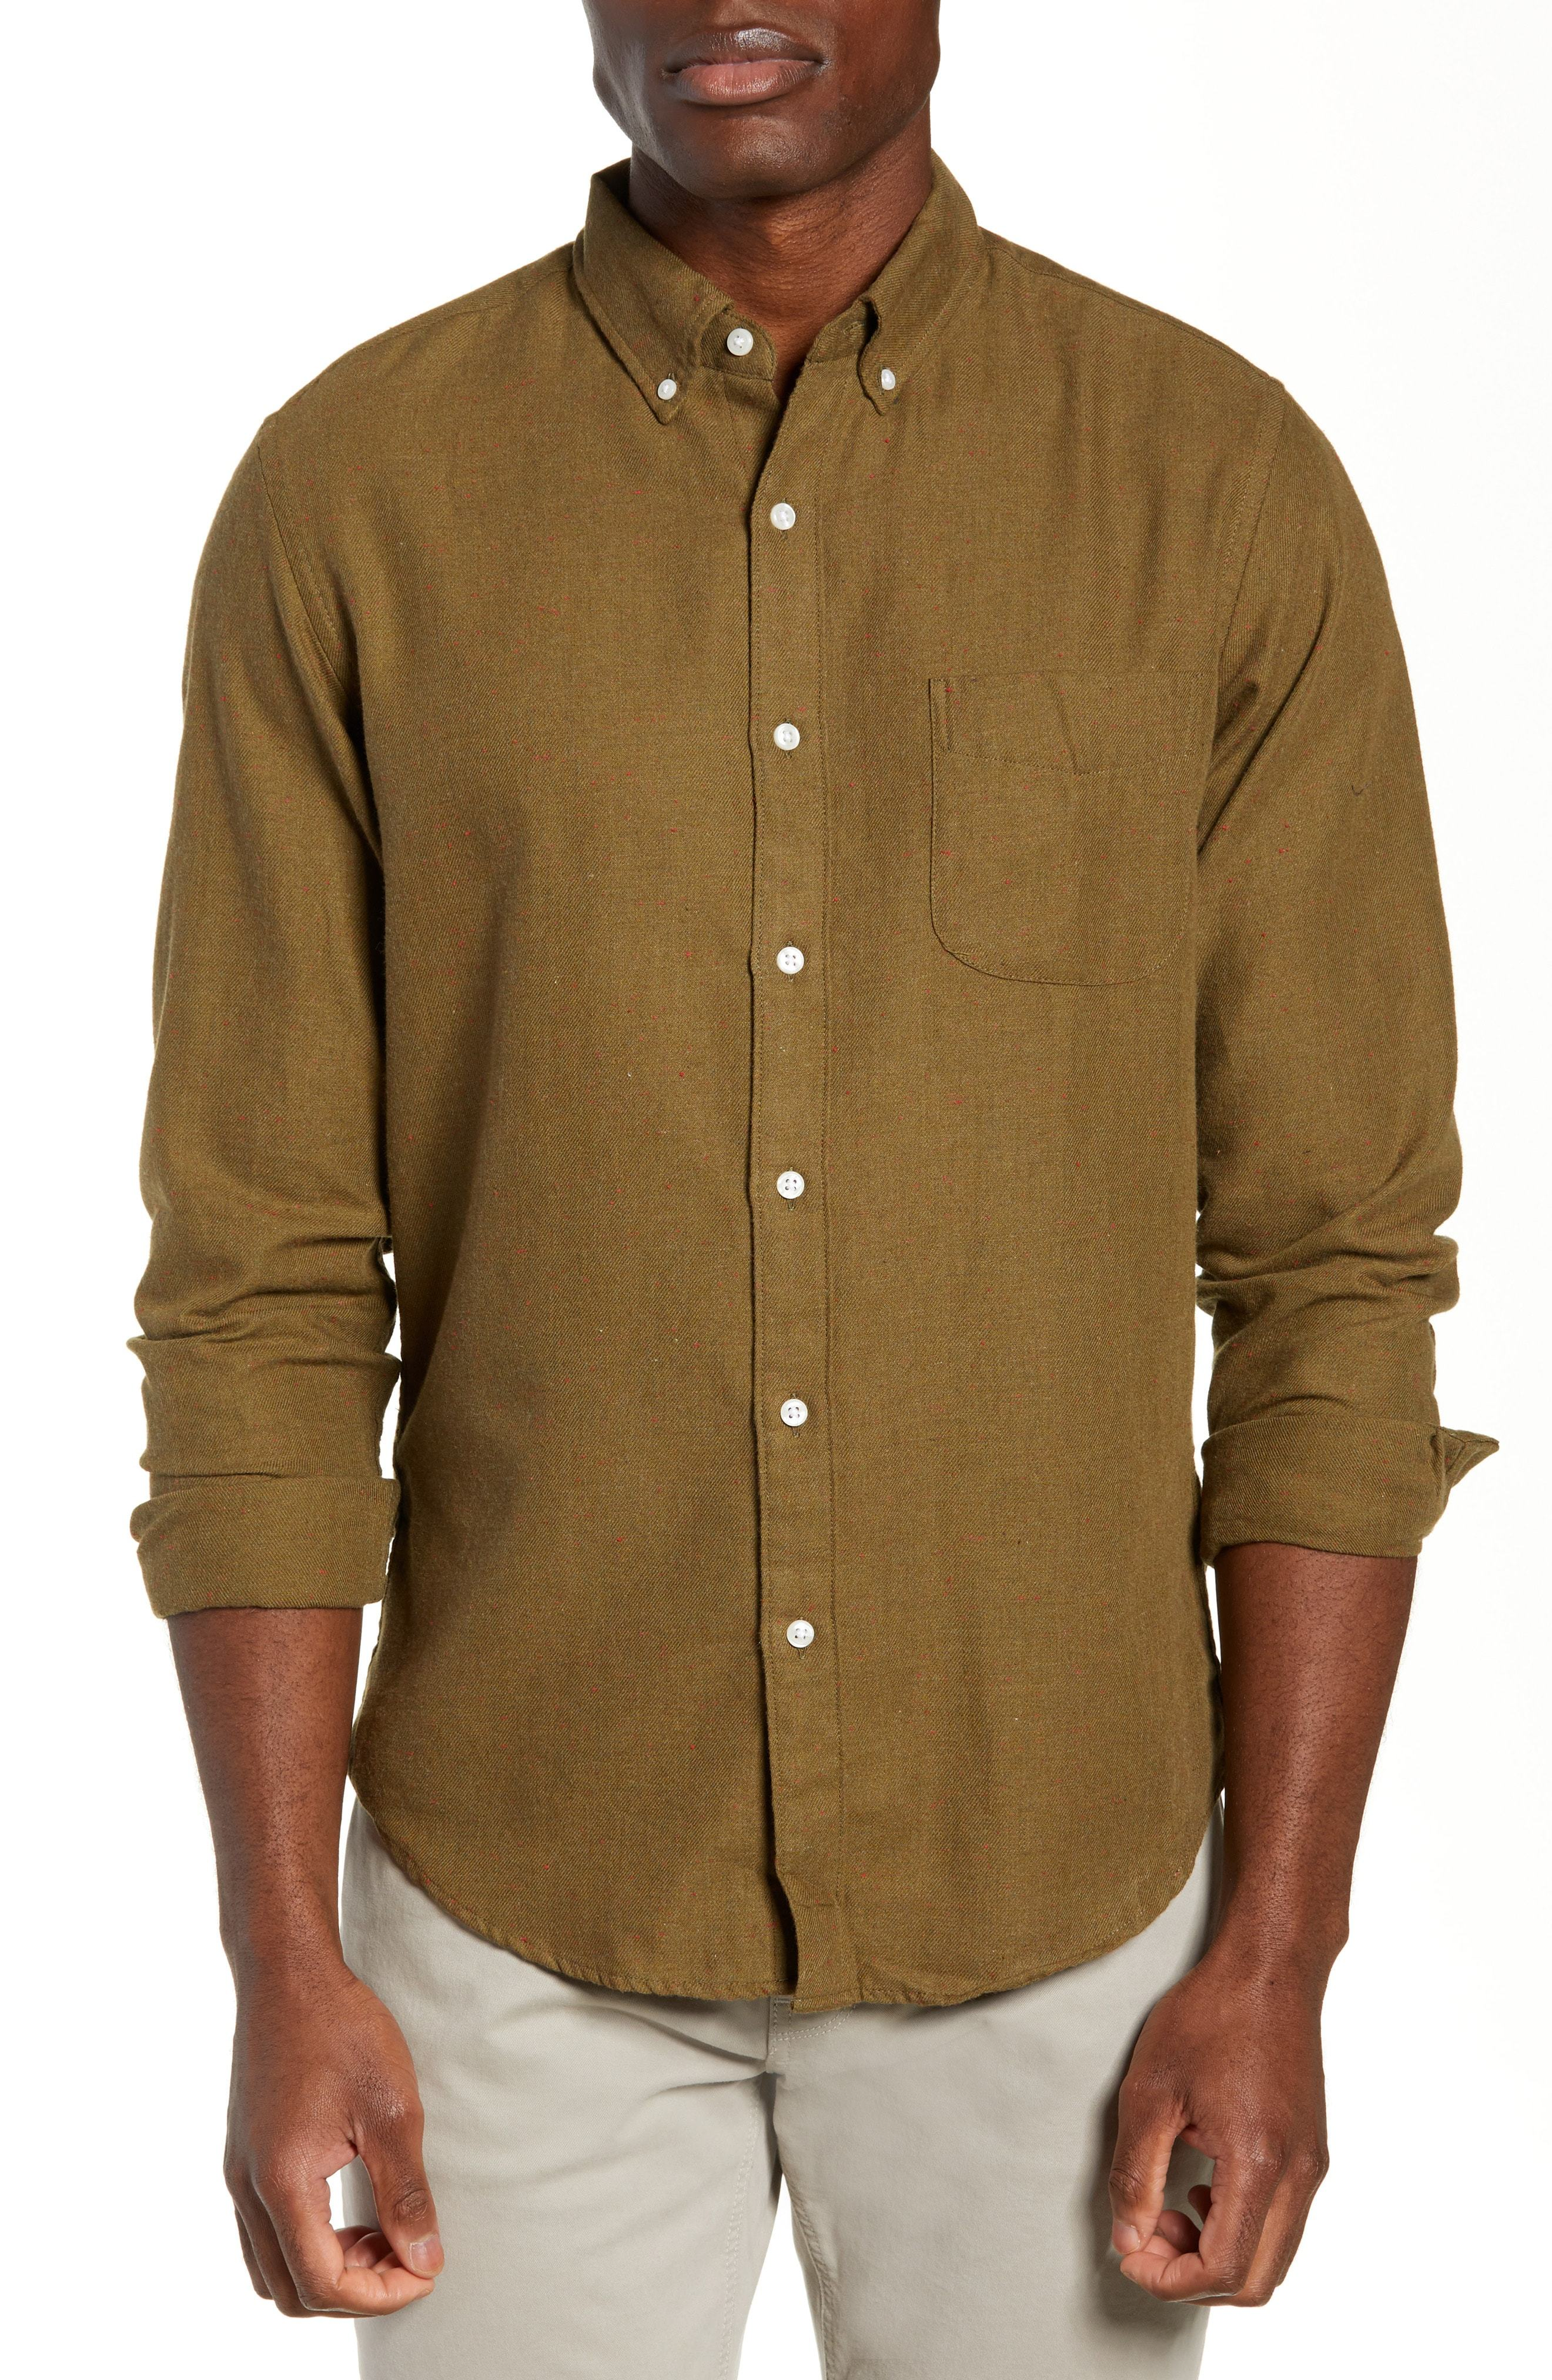 a245950a4f0e J.Crew Slim Fit Neppy Twill Sport Shirt, $41   Nordstrom   Lookastic.com